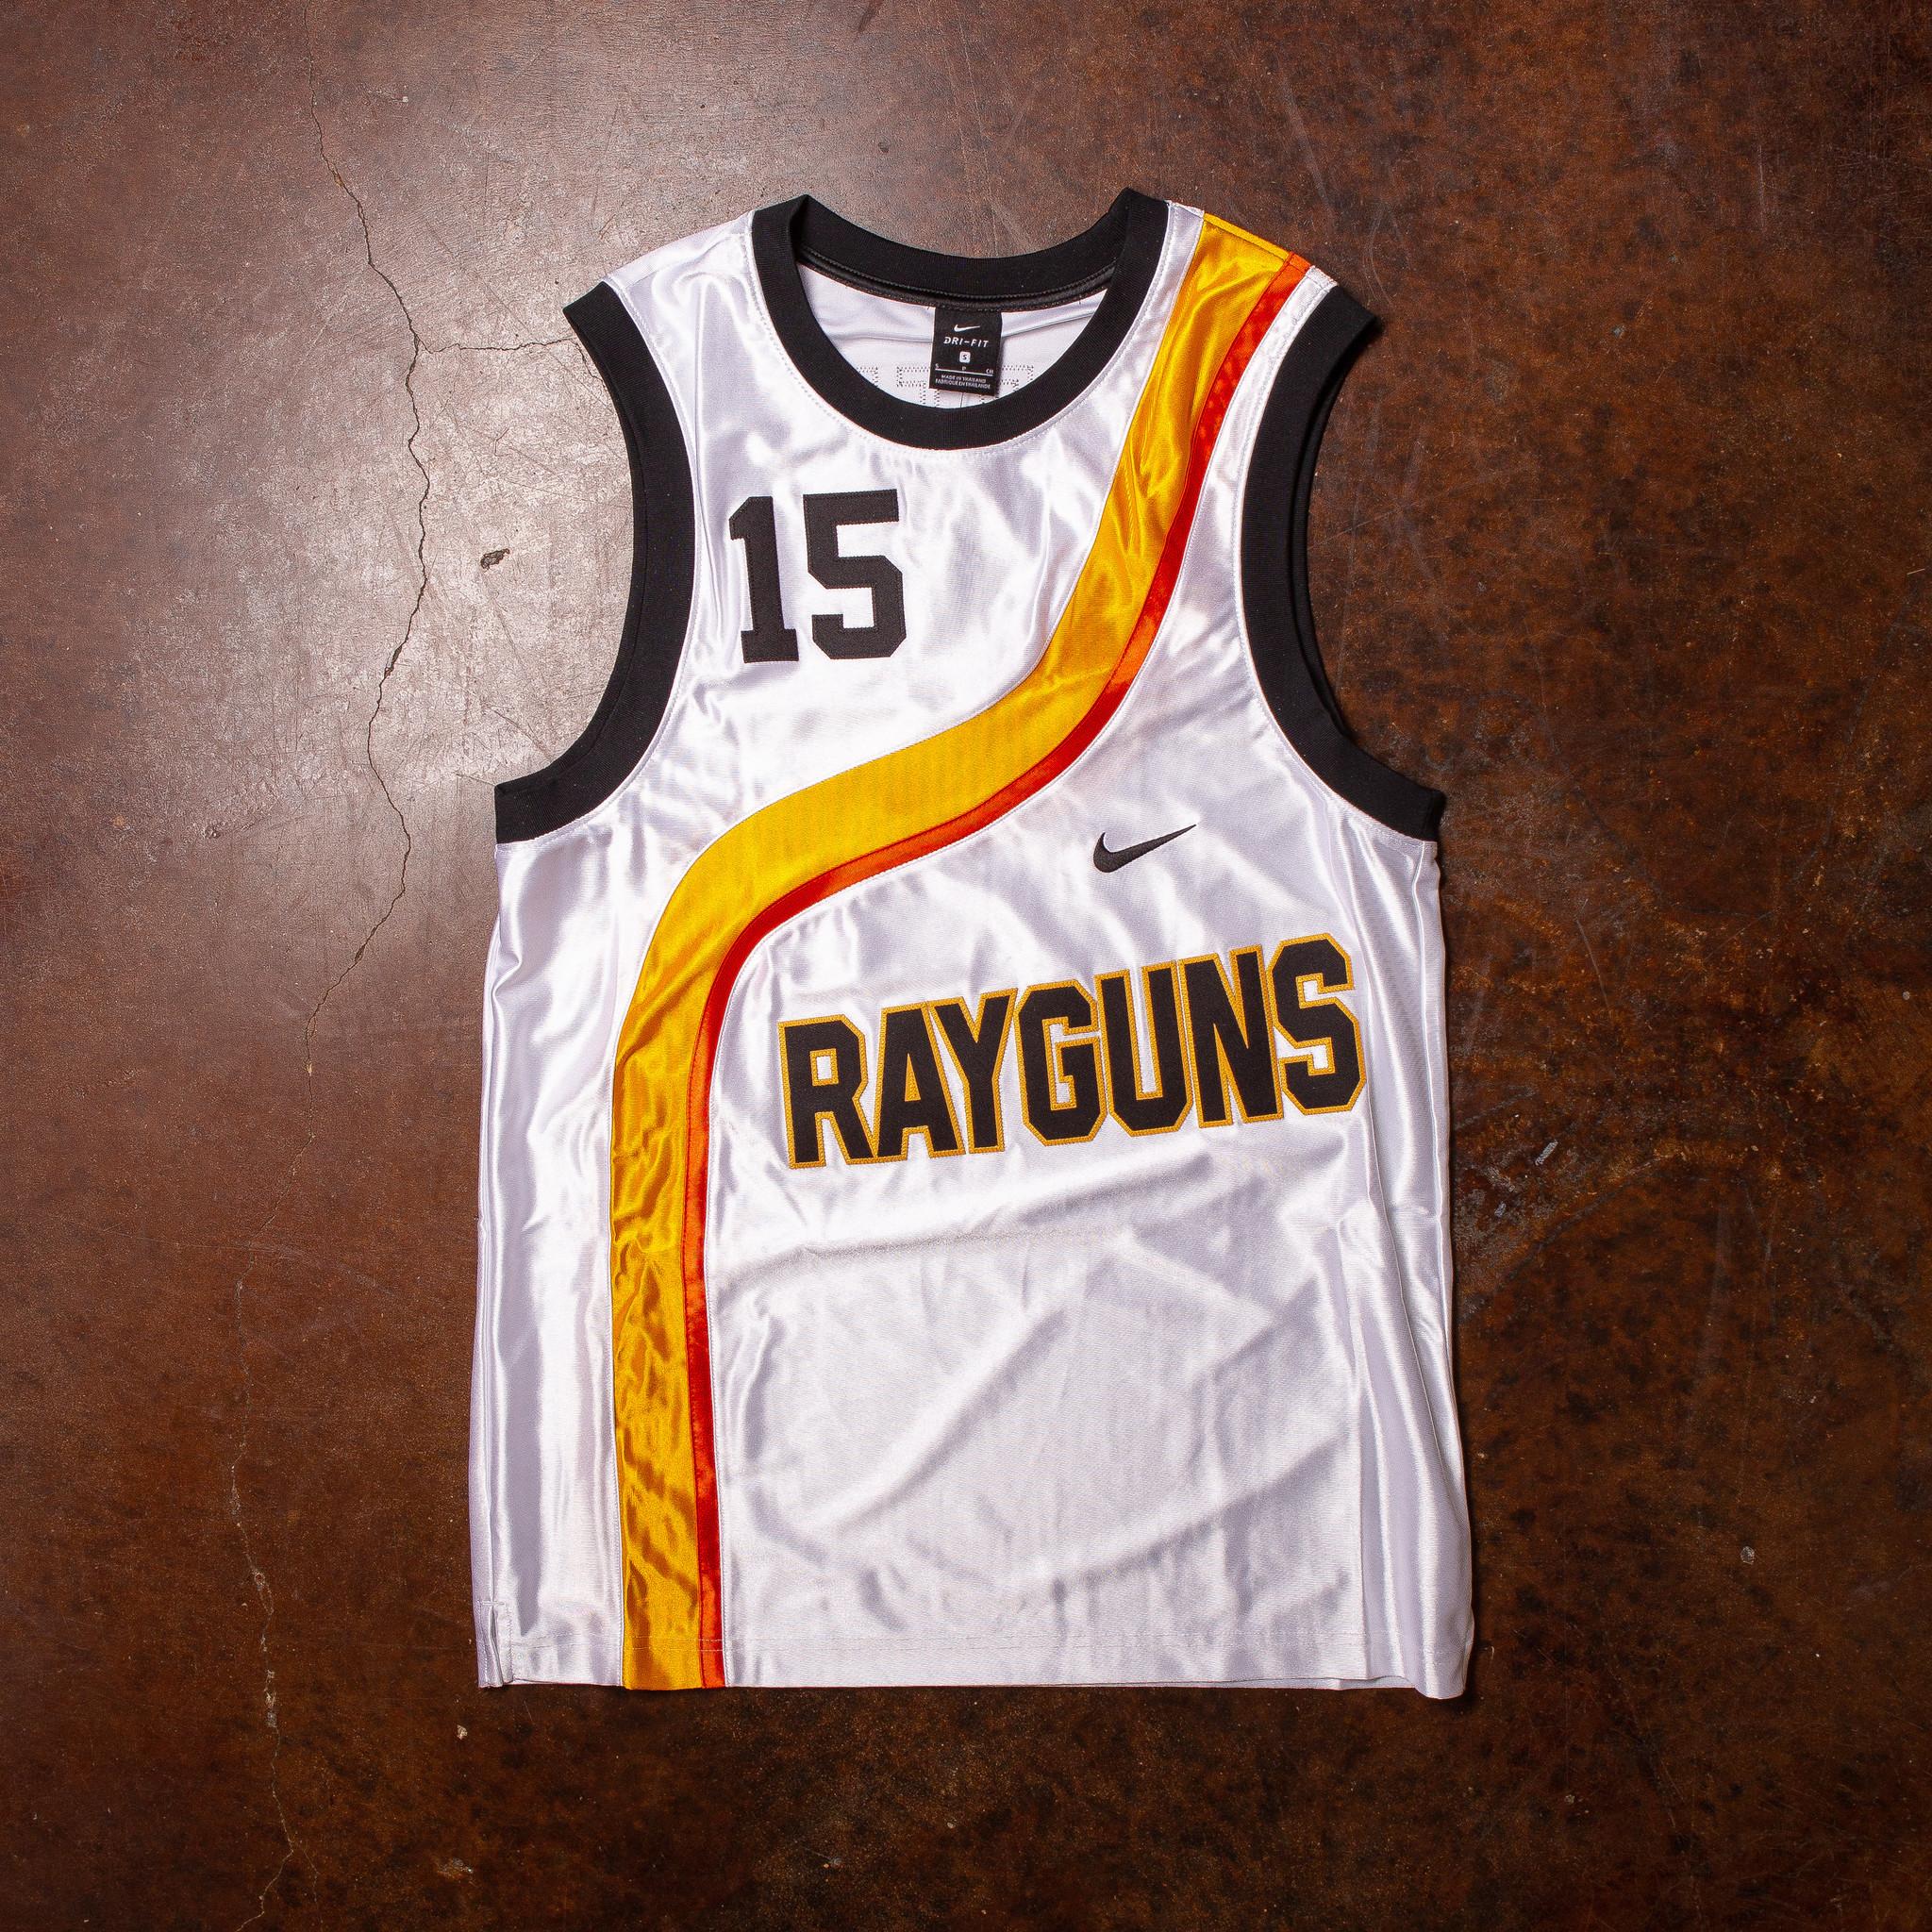 Nike Nike Raygun Jersey White